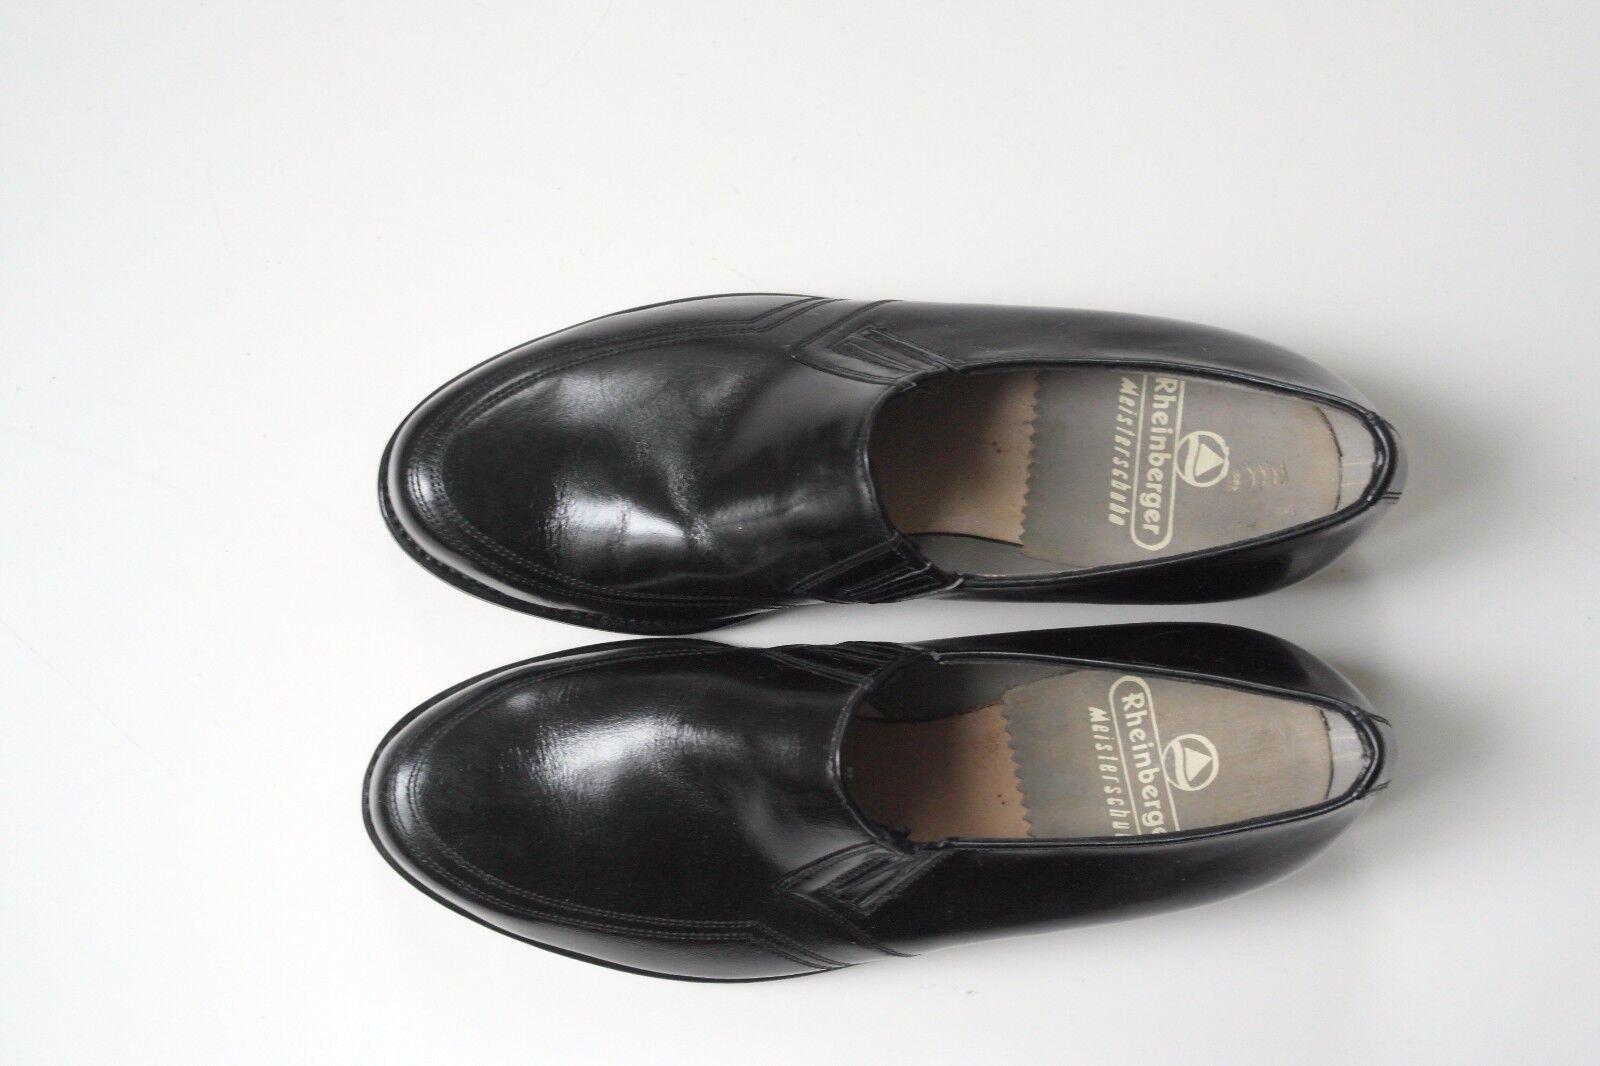 Rheinberger Meisterschuhe Loafer Schuhe Halbschuh Slipper Akbar Loafer Meisterschuhe NOS TRUE VINTAGE 336184